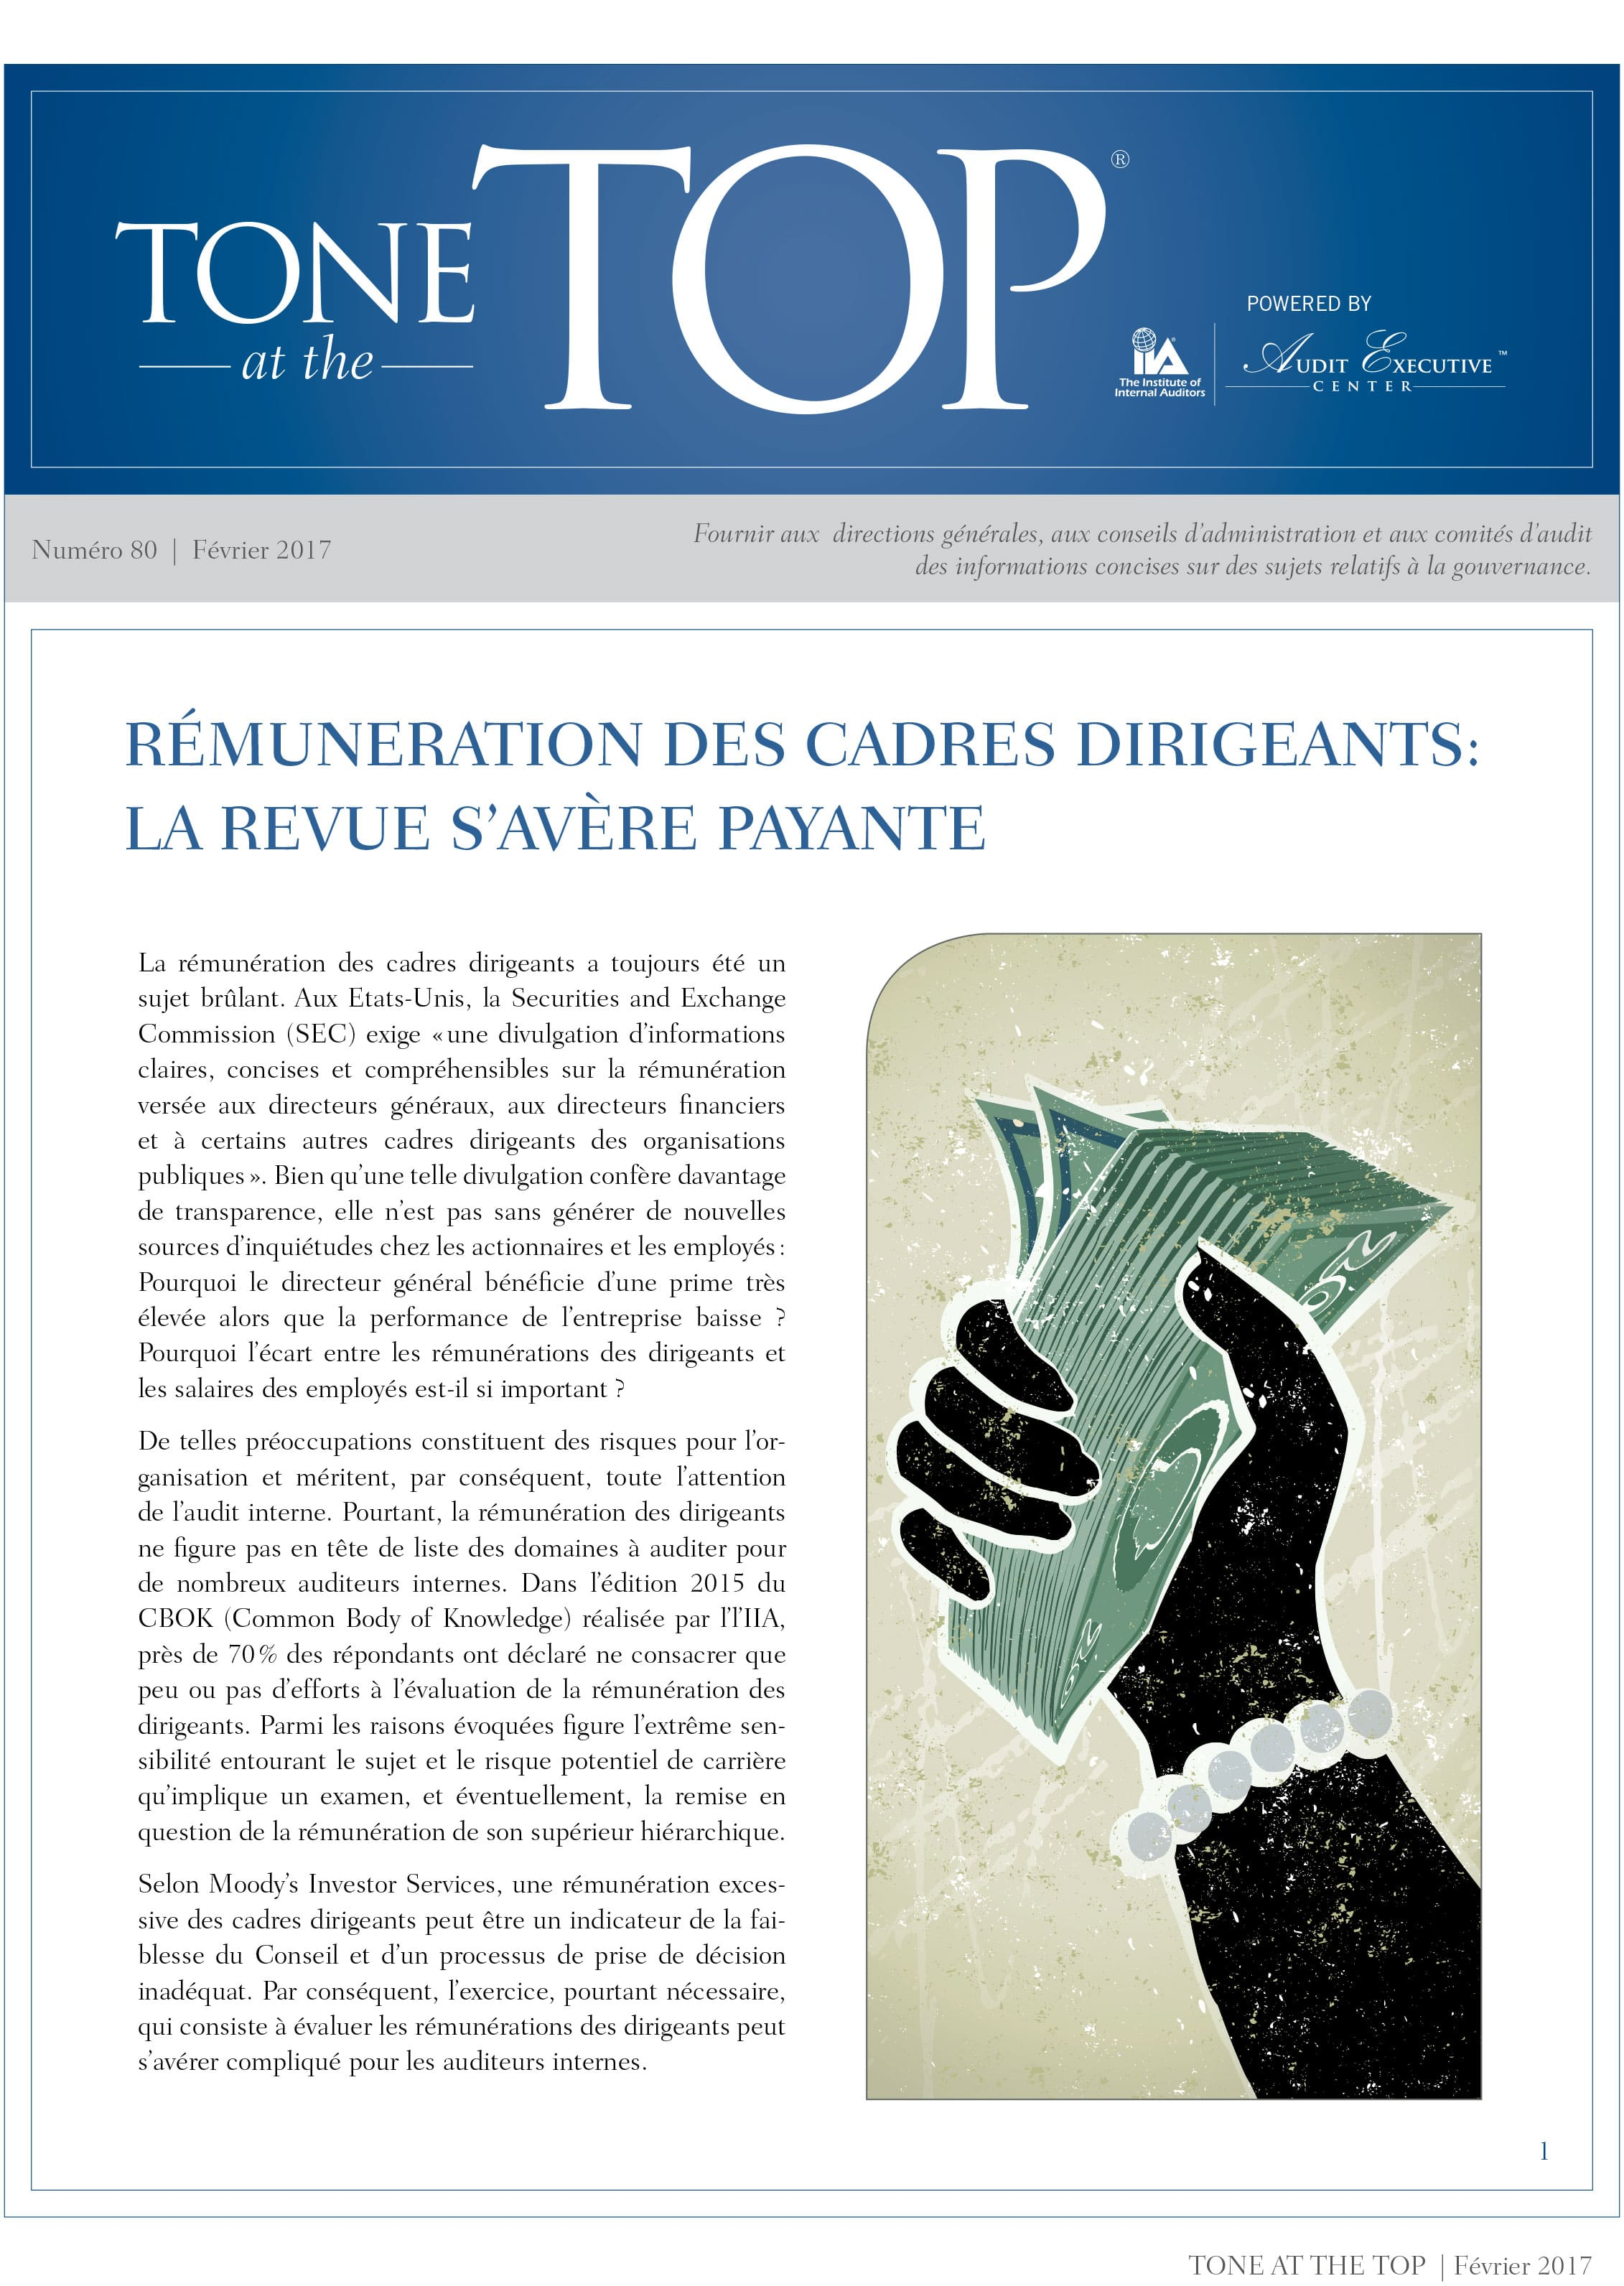 Tone at the top – La rémunération des cadres dirigeants : la revue s'avère payante